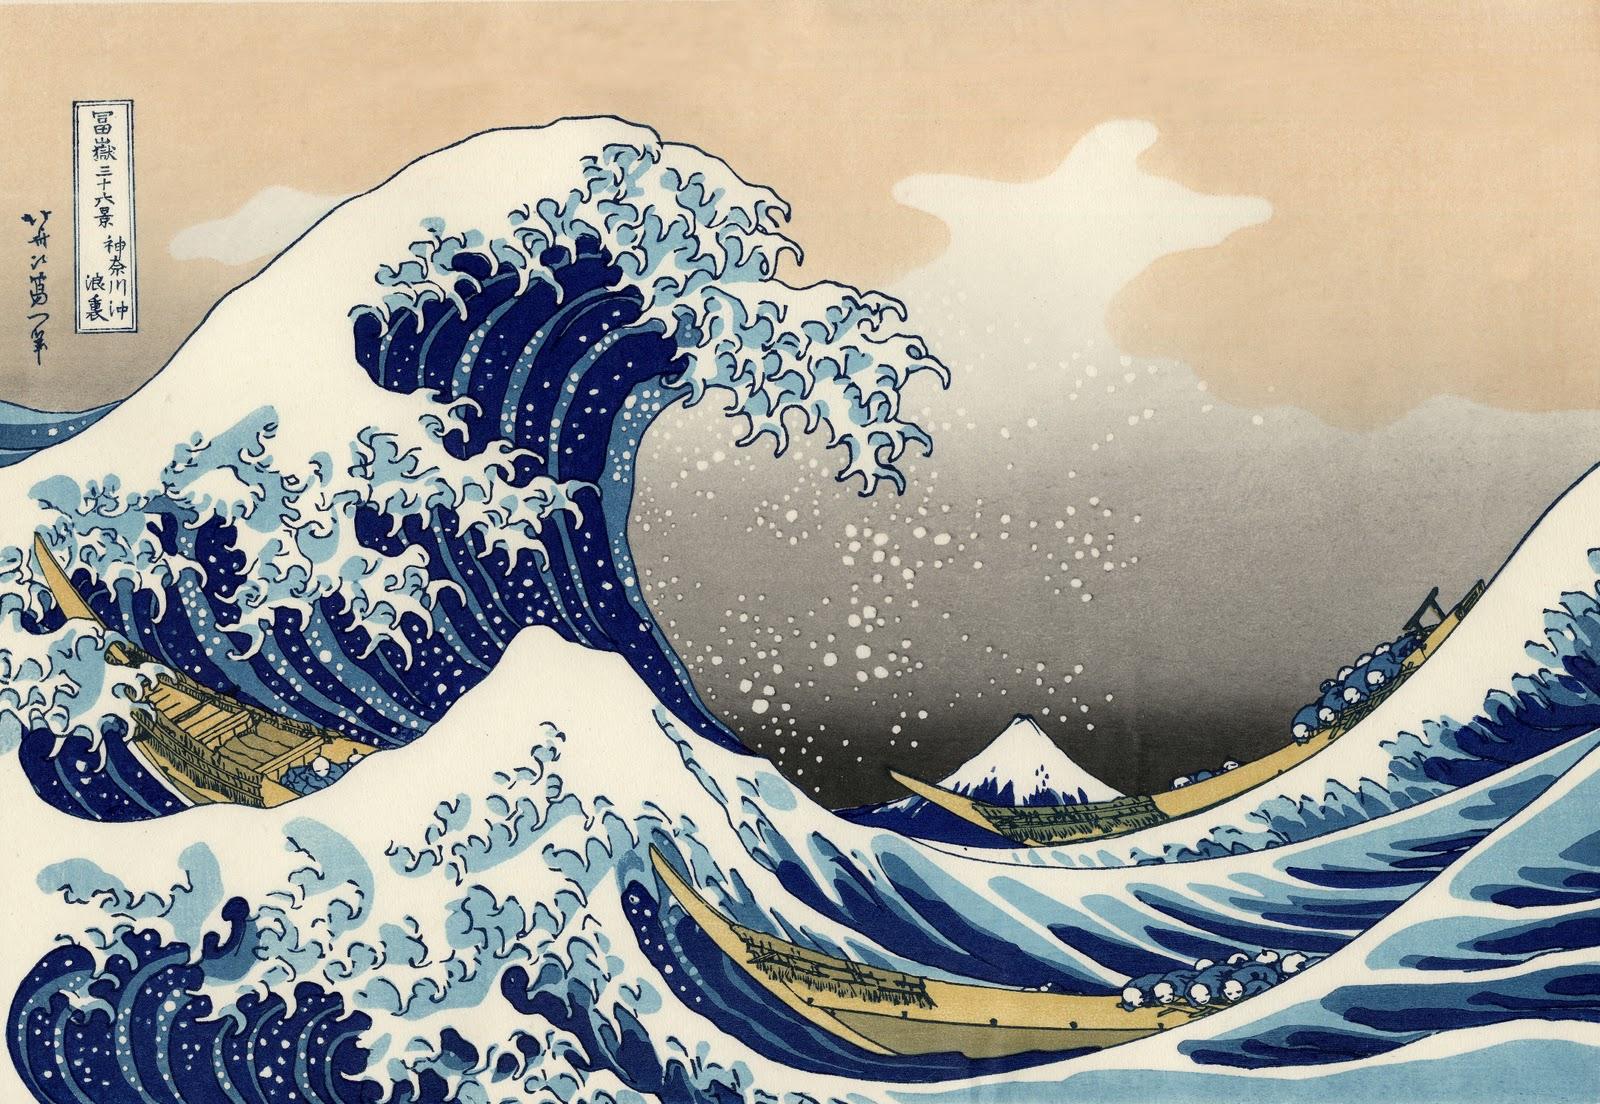 Hokusai e l'ukiyo-e in mostra a Palazzo Reale